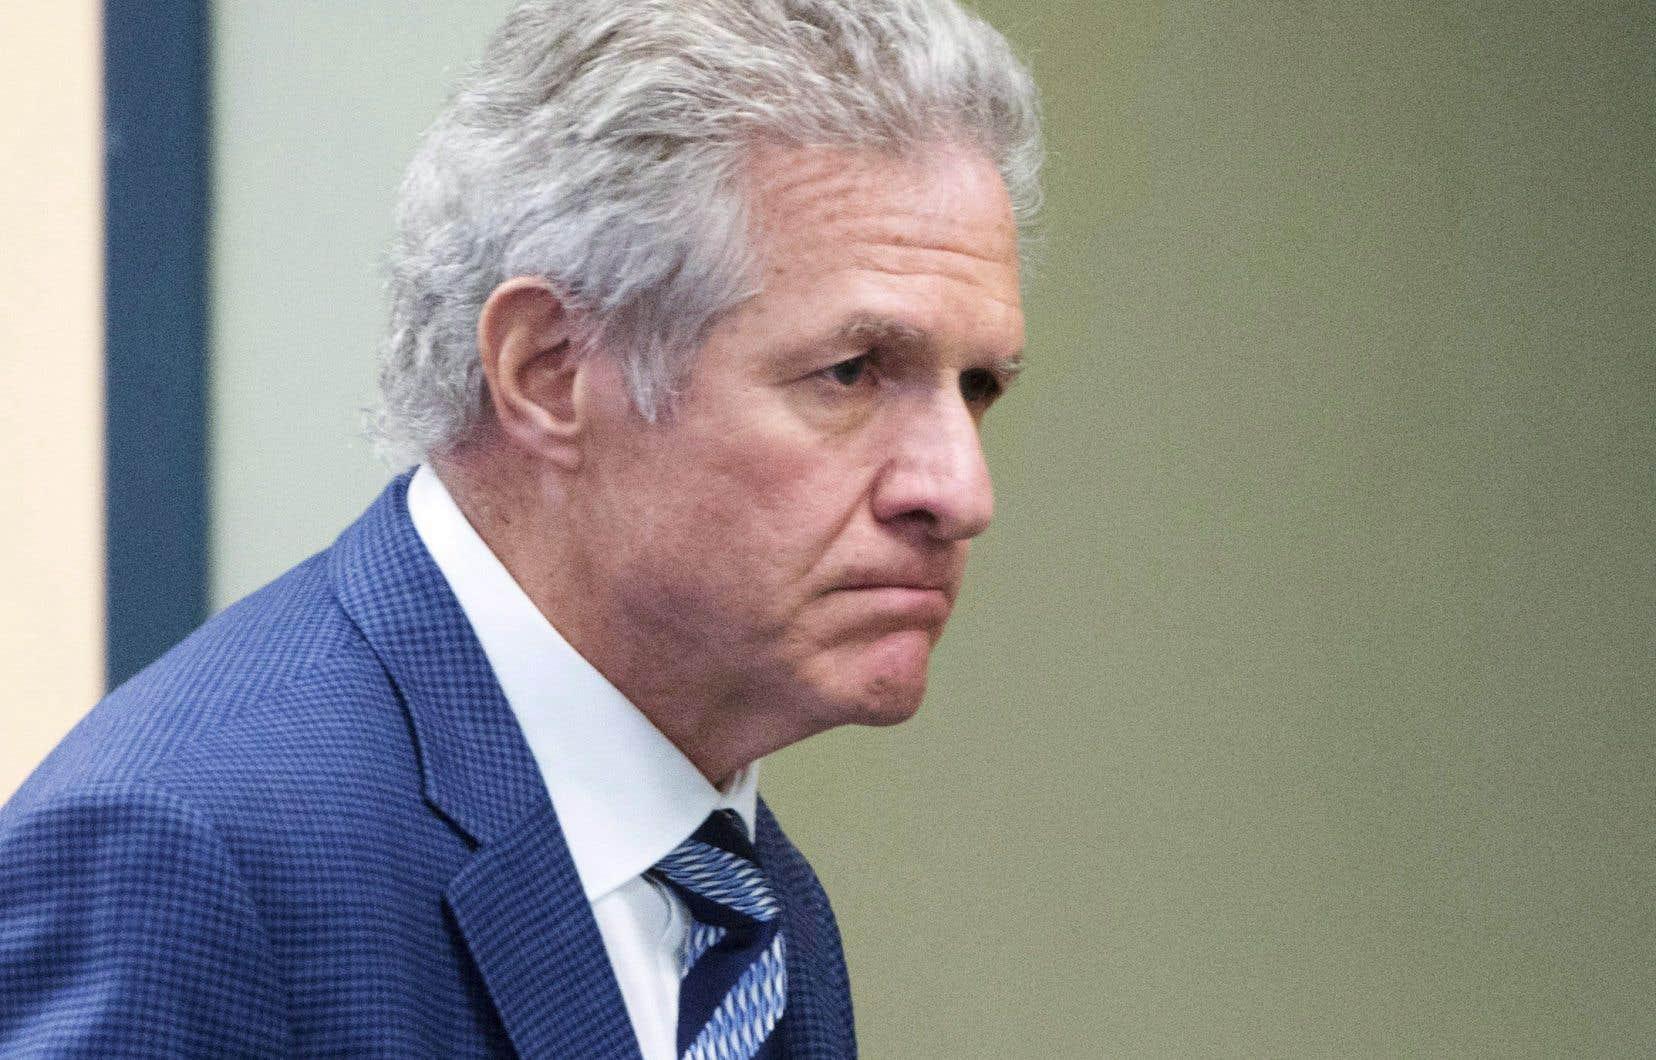 Tony Accursofait face à des accusations de fraude, de corruption d'un fonctionnaire, d'abus de confiance et de complot dans le cadre d'un système de partage de contrats et de ristournes au parti de Gilles Vaillancourt.